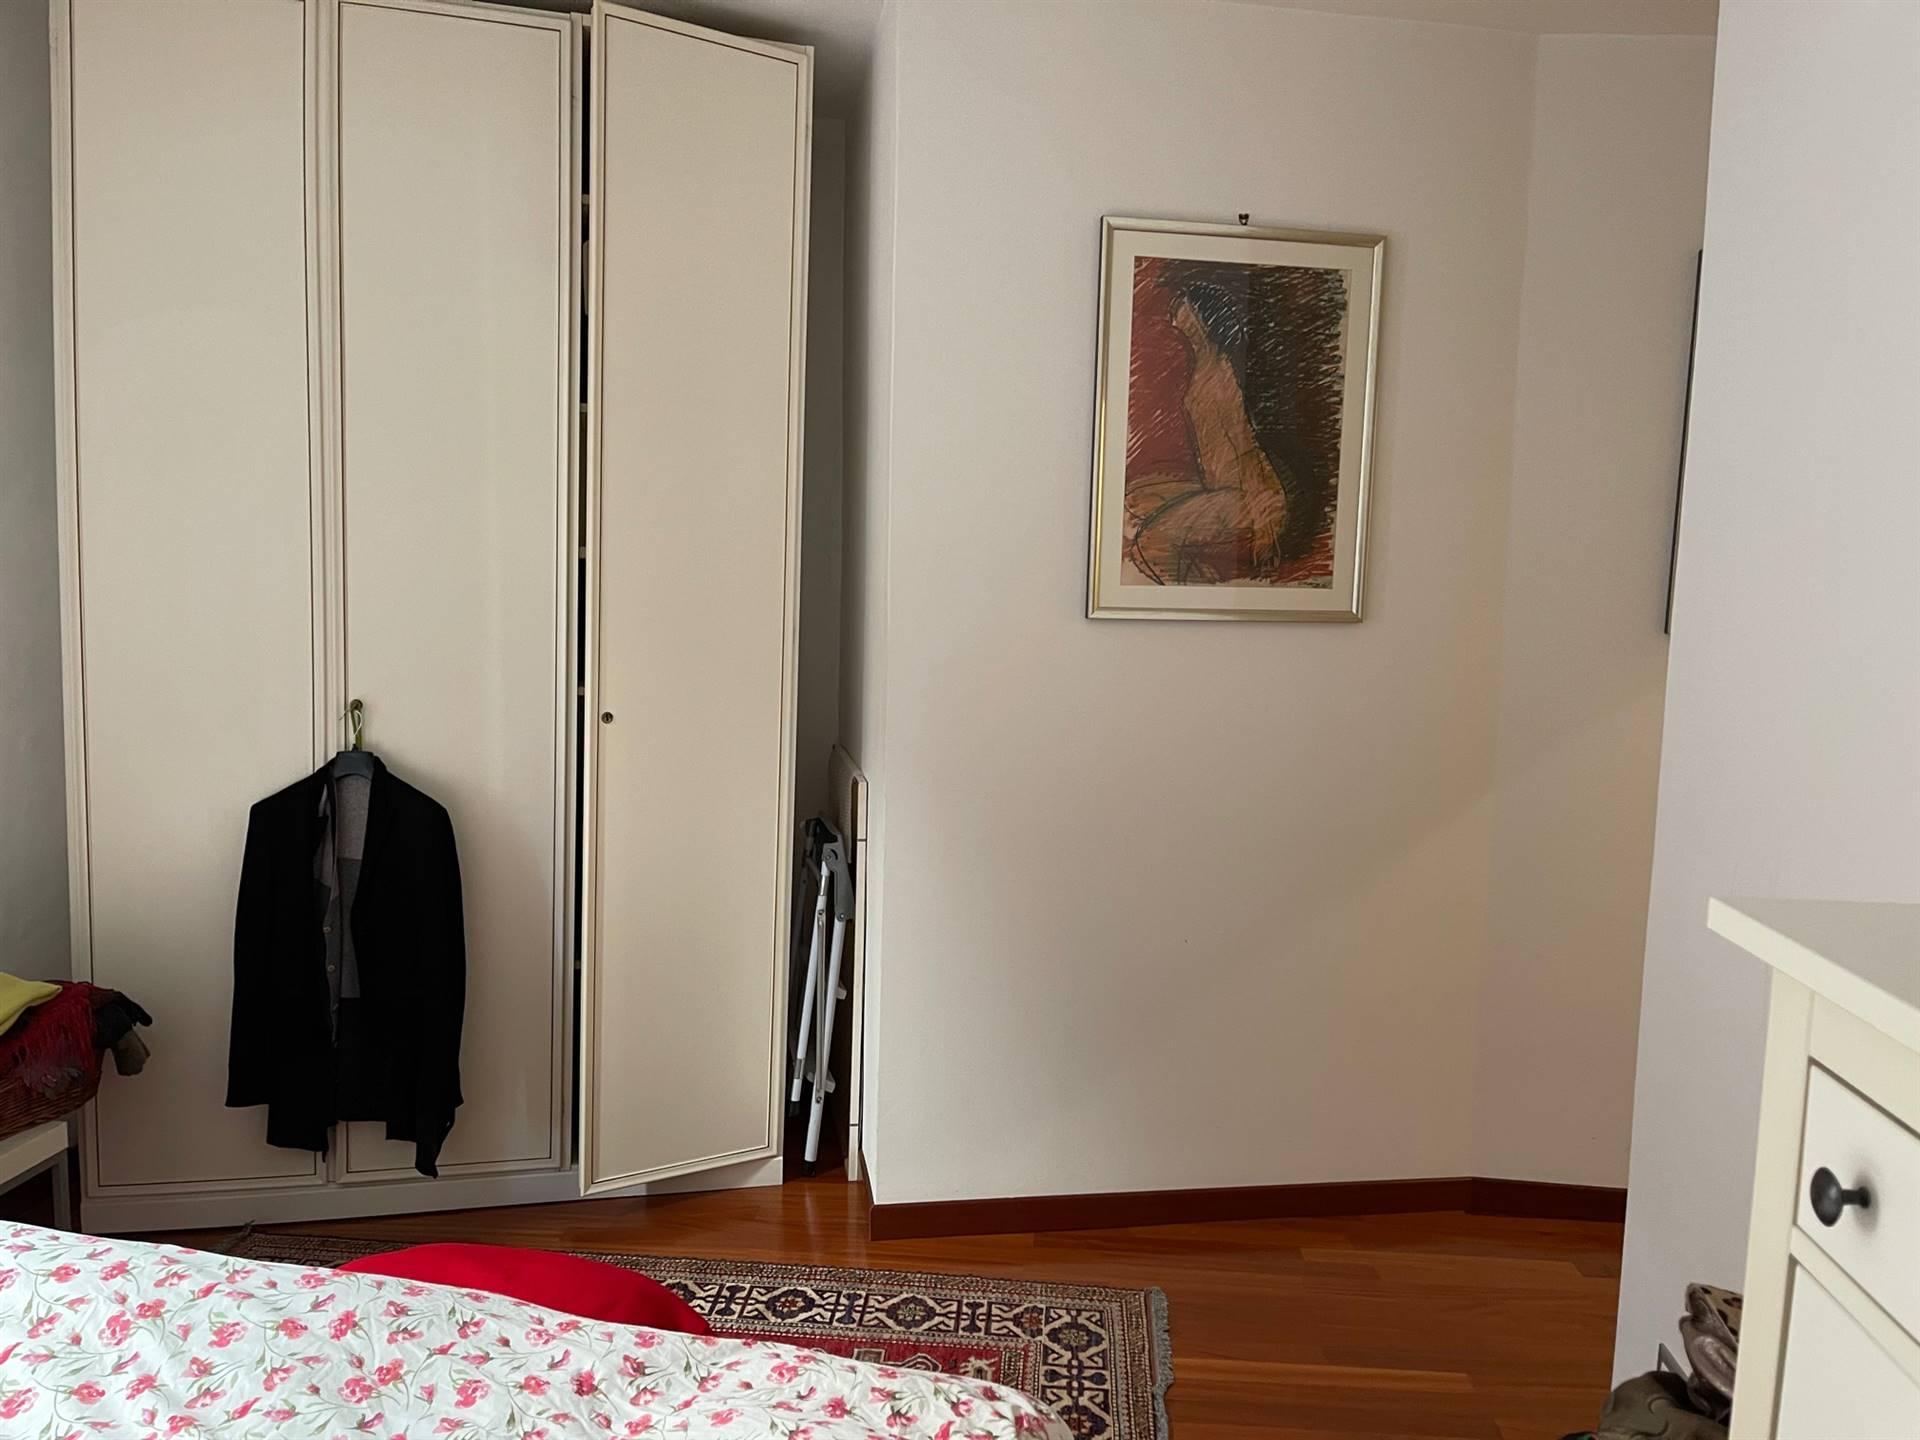 camera appartamento porta sola Venezia